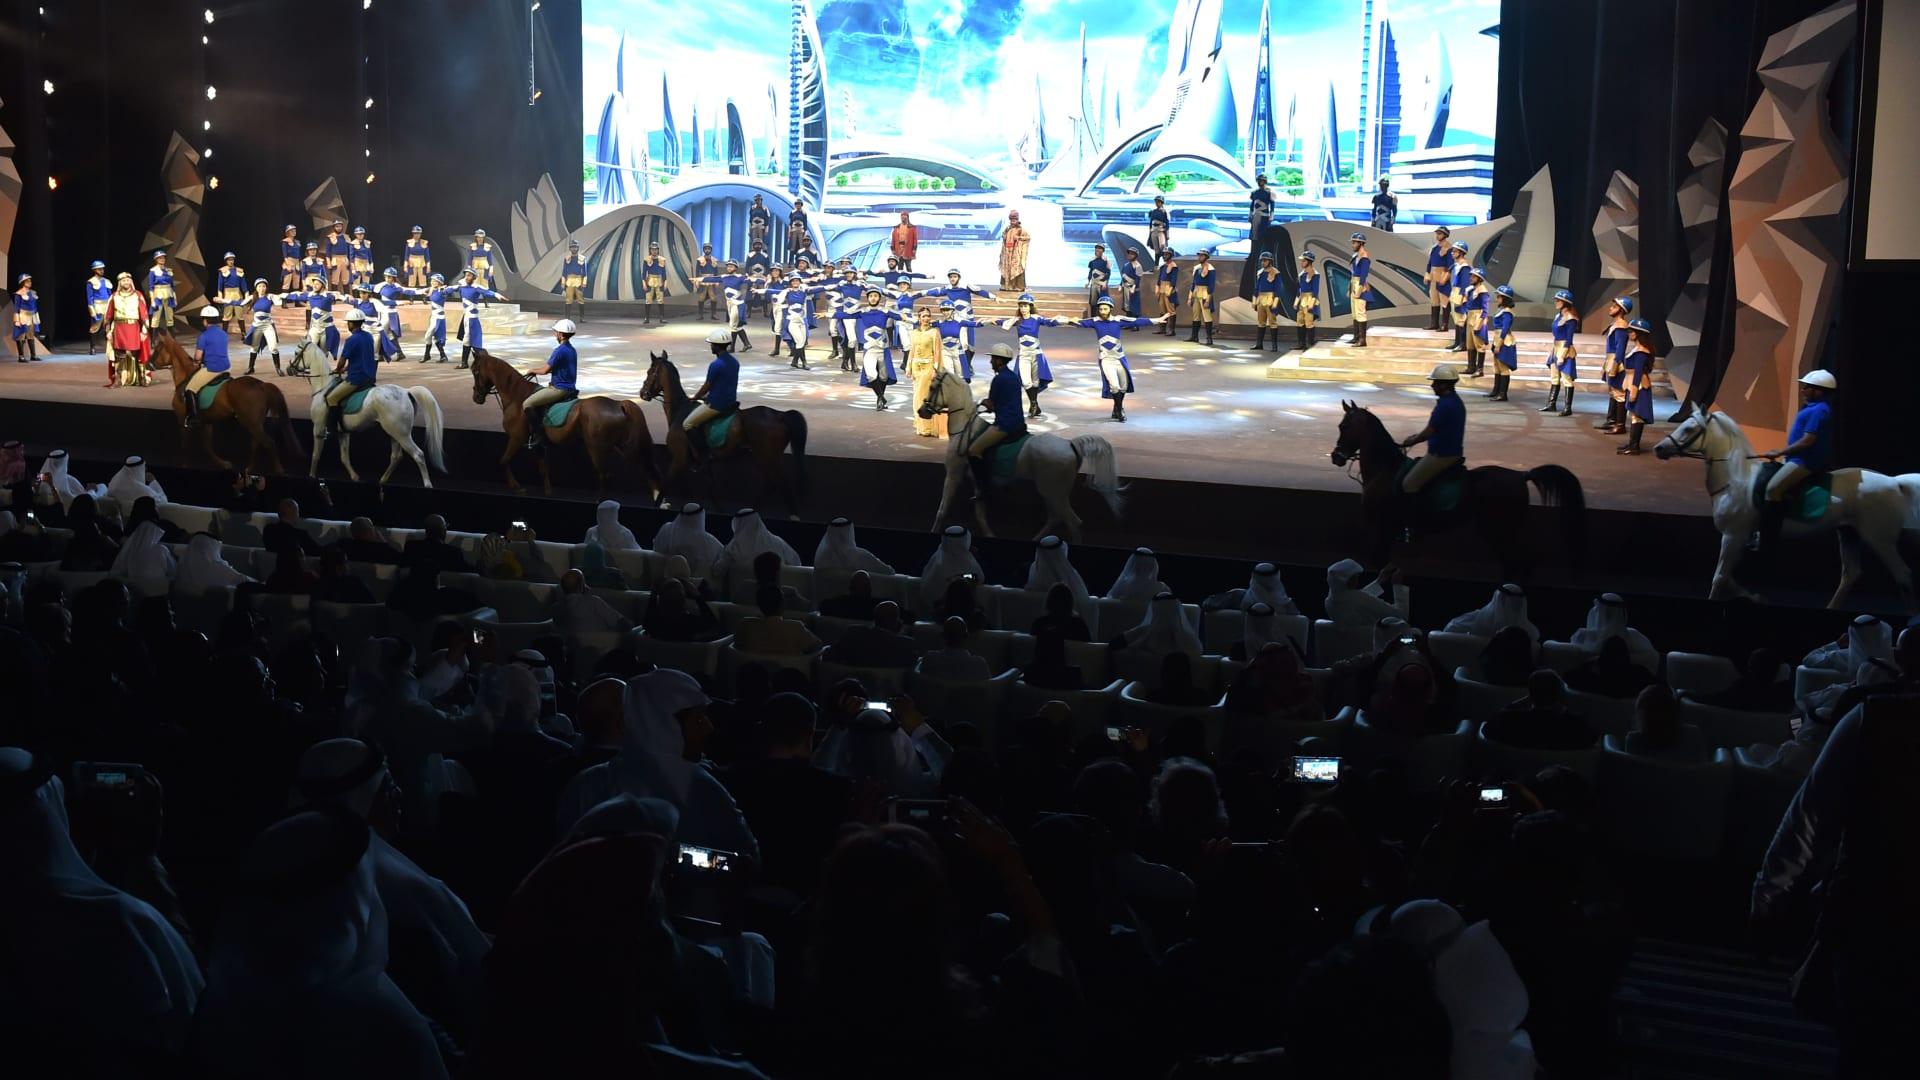 جانب من المسرحية لحظة مرور الخيول على خشبة المسرح.